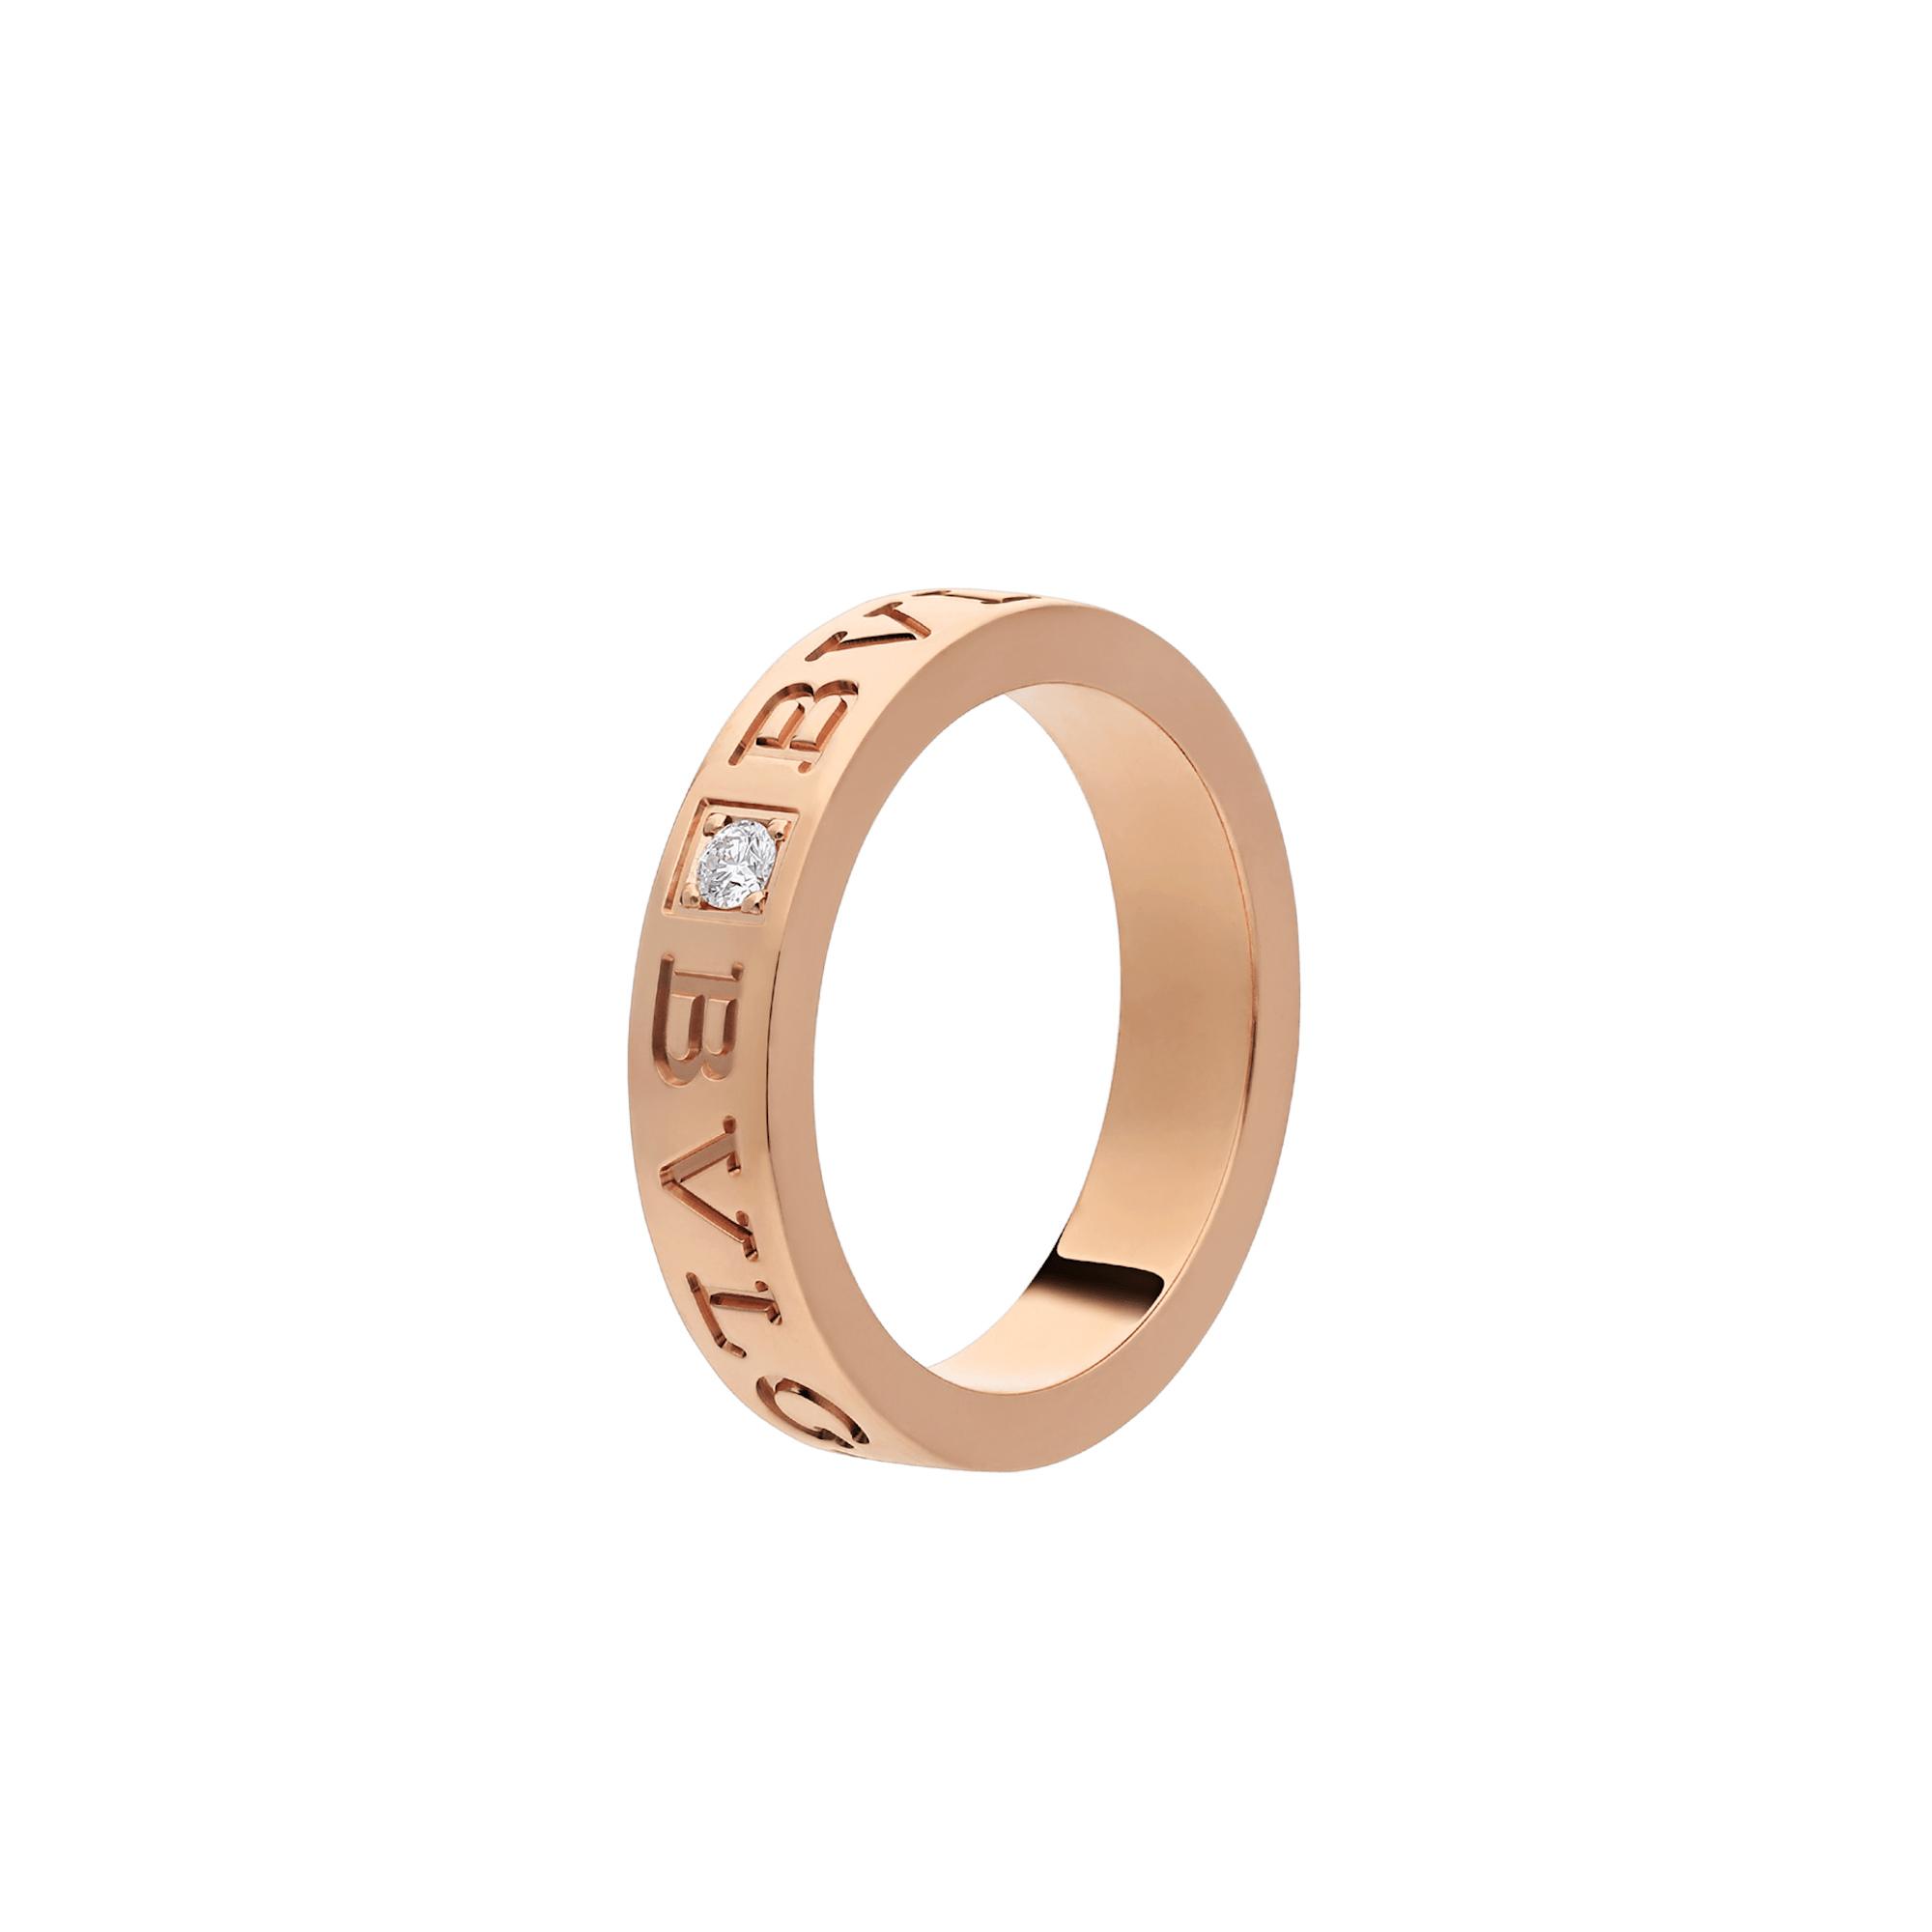 Anello BVLGARI BVLGARI ring diamond diamante sconto discount